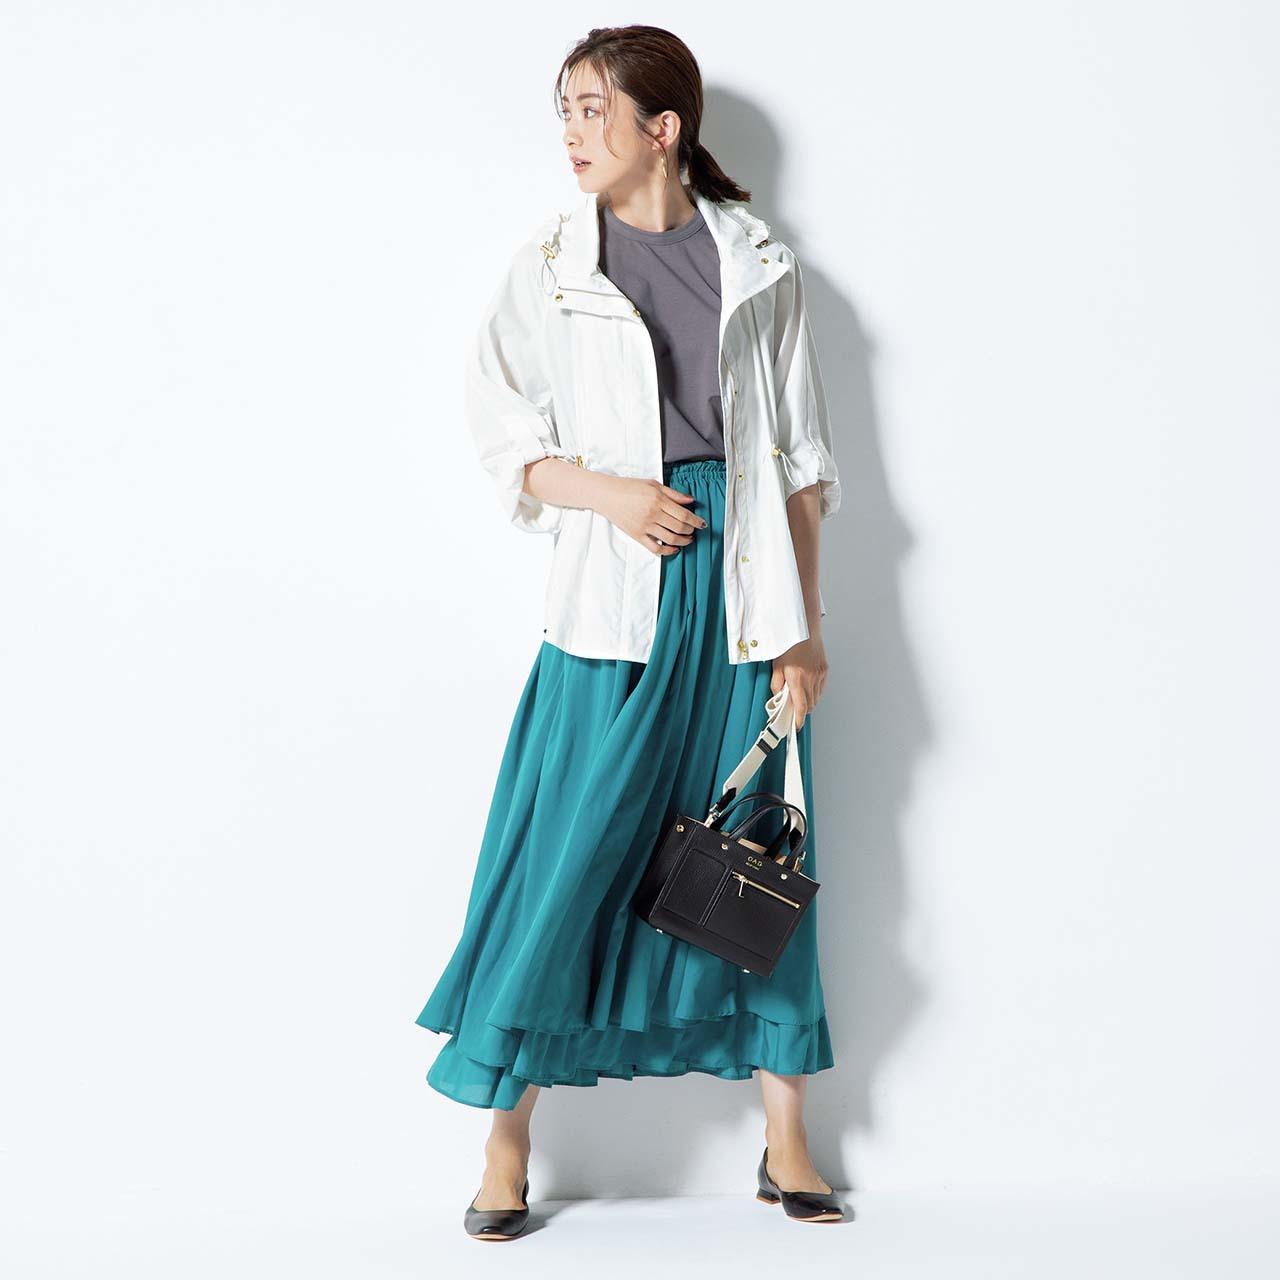 ブルゾン×ロングスカートコーデを着たモデルの高垣麗子さん